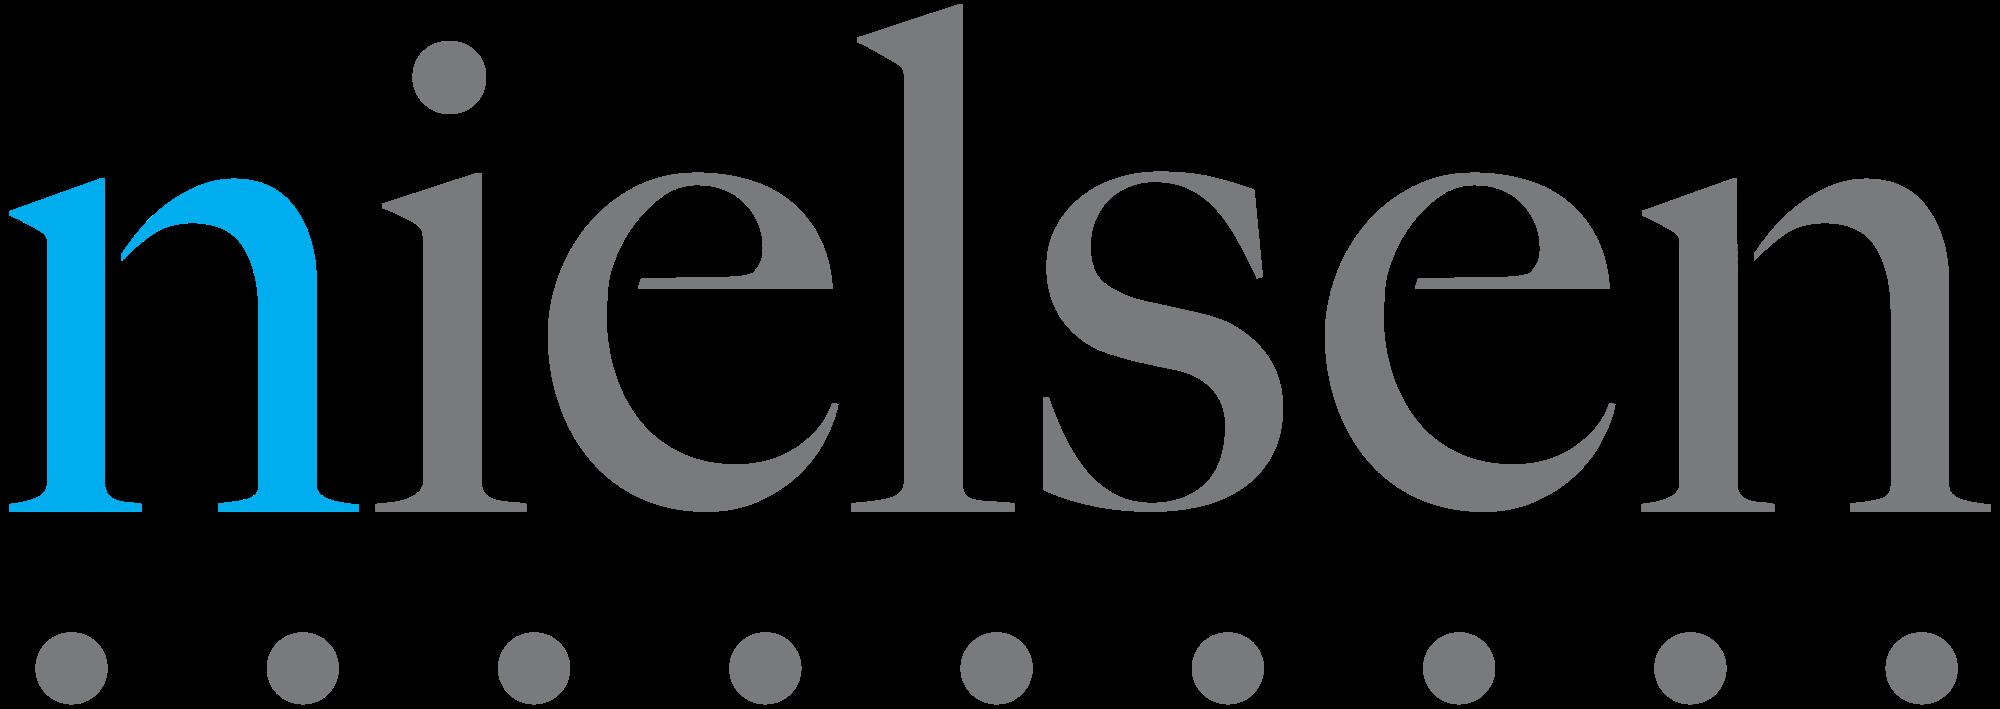 Nielsen_logo.svg